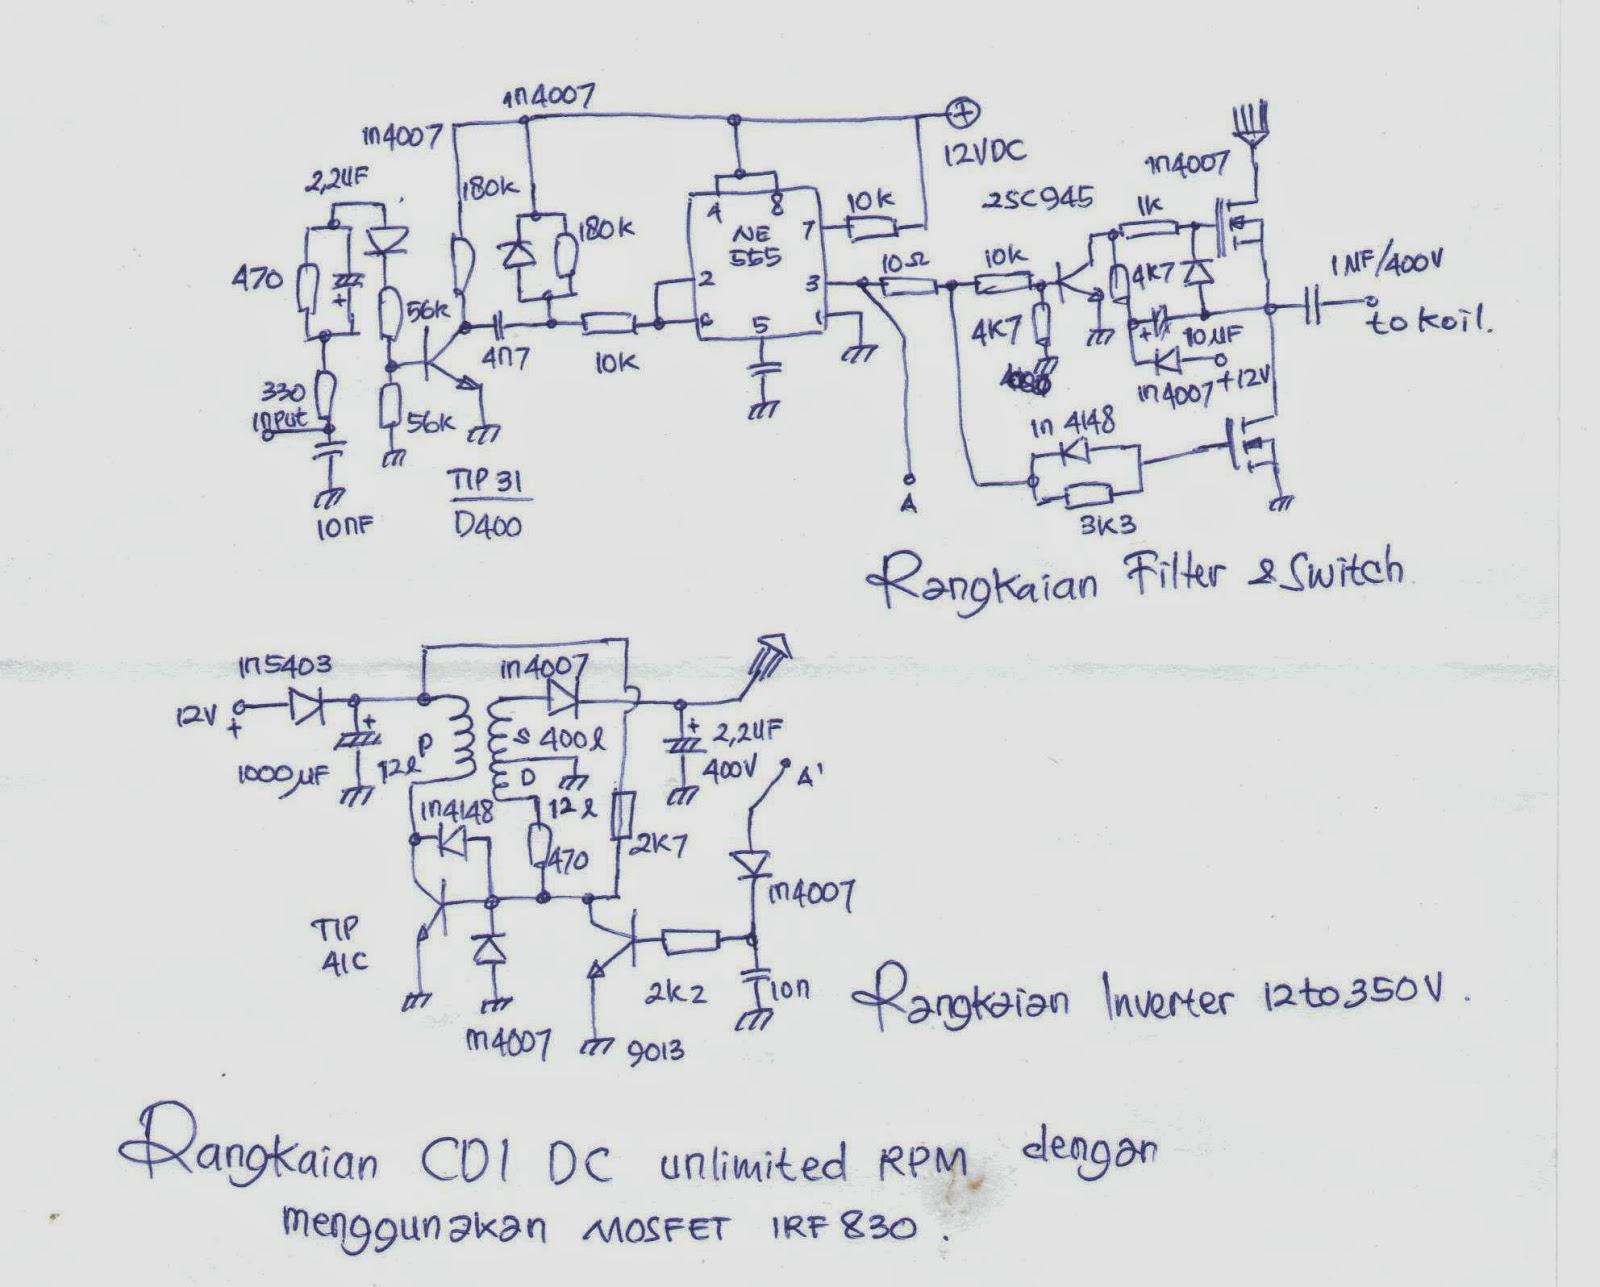 Elektronika Never Die Membuat Dc Cdi Non Limiter Dengan Mosfet Irf 830 To Ac Inverter By Ic 555 And Tip41 Tip42 Rangkaian Ini Tetap Menggunakan Ne555 Sebagai Jantung Seperti Pada Edisi Yang Lalu Karena Selain Mudah Rangkaiannya